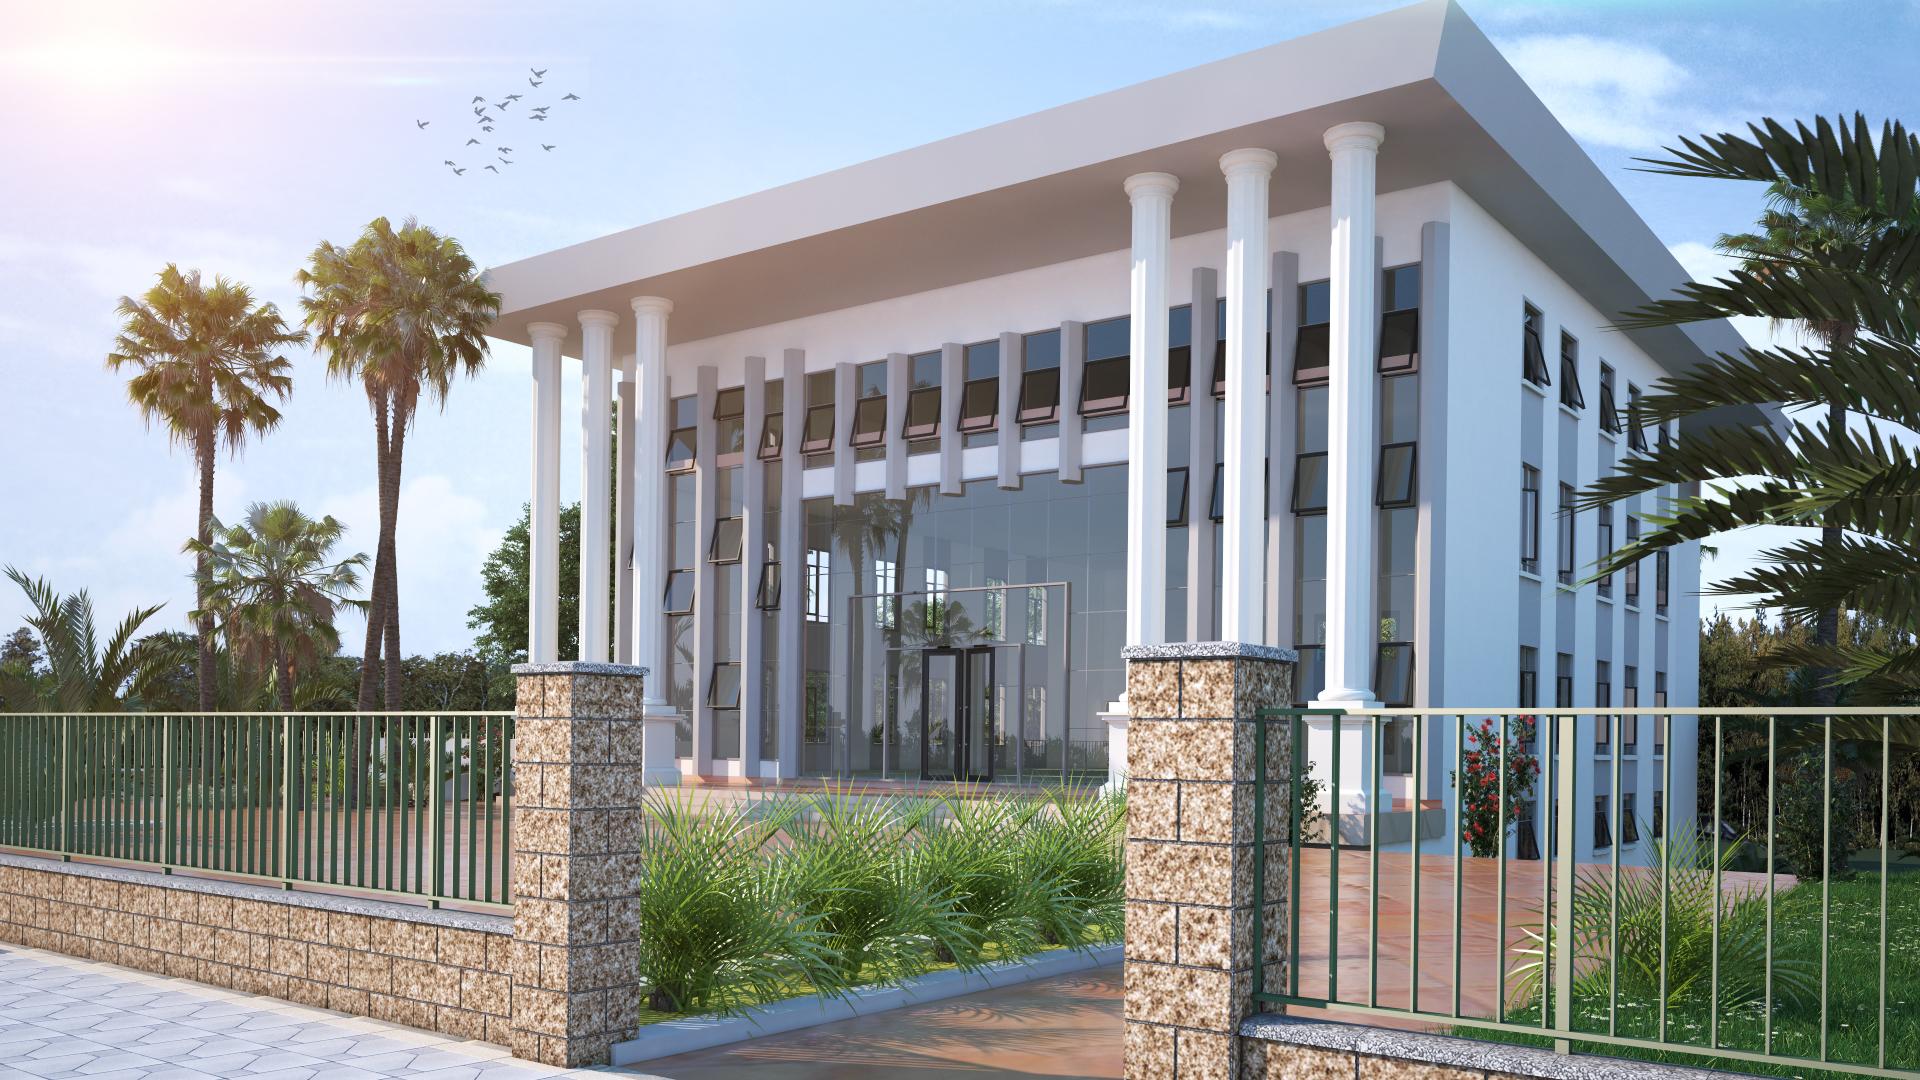 1 4 - Djibouti Embassy to Ethiopia Residence